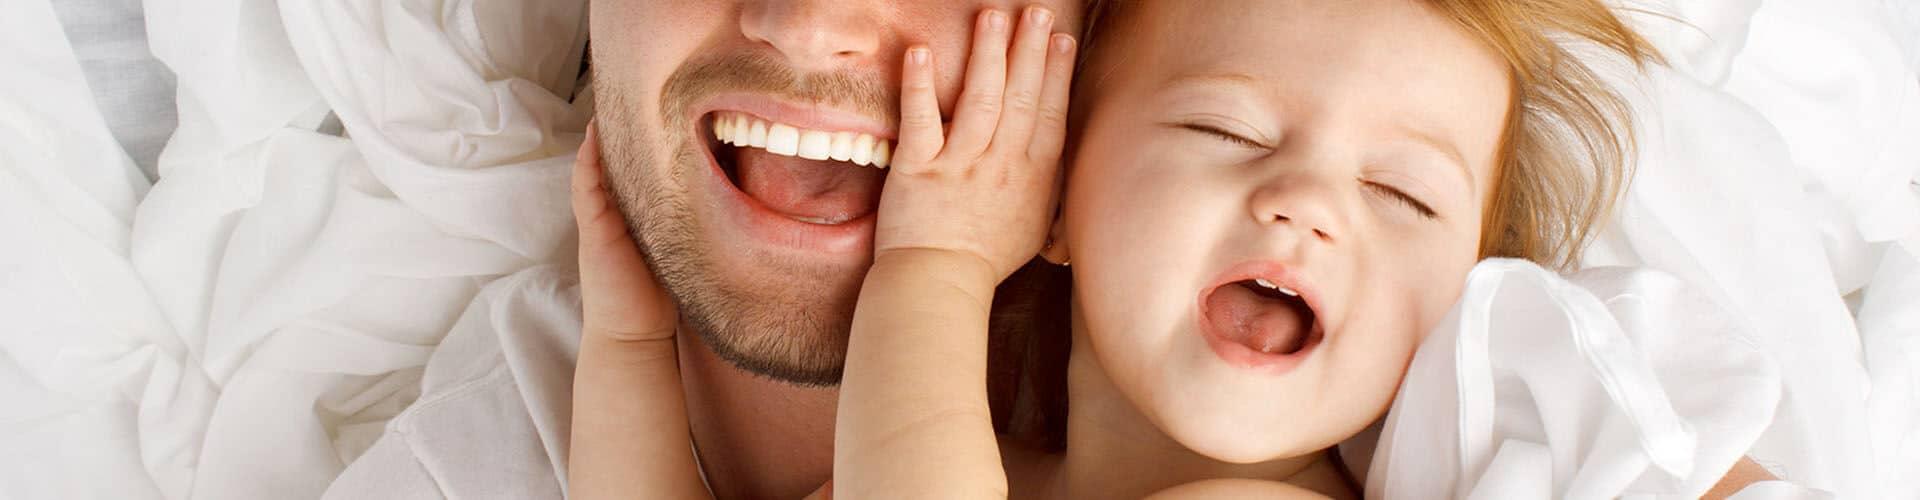 dentição infantil, dentição da criança, odontopediatria